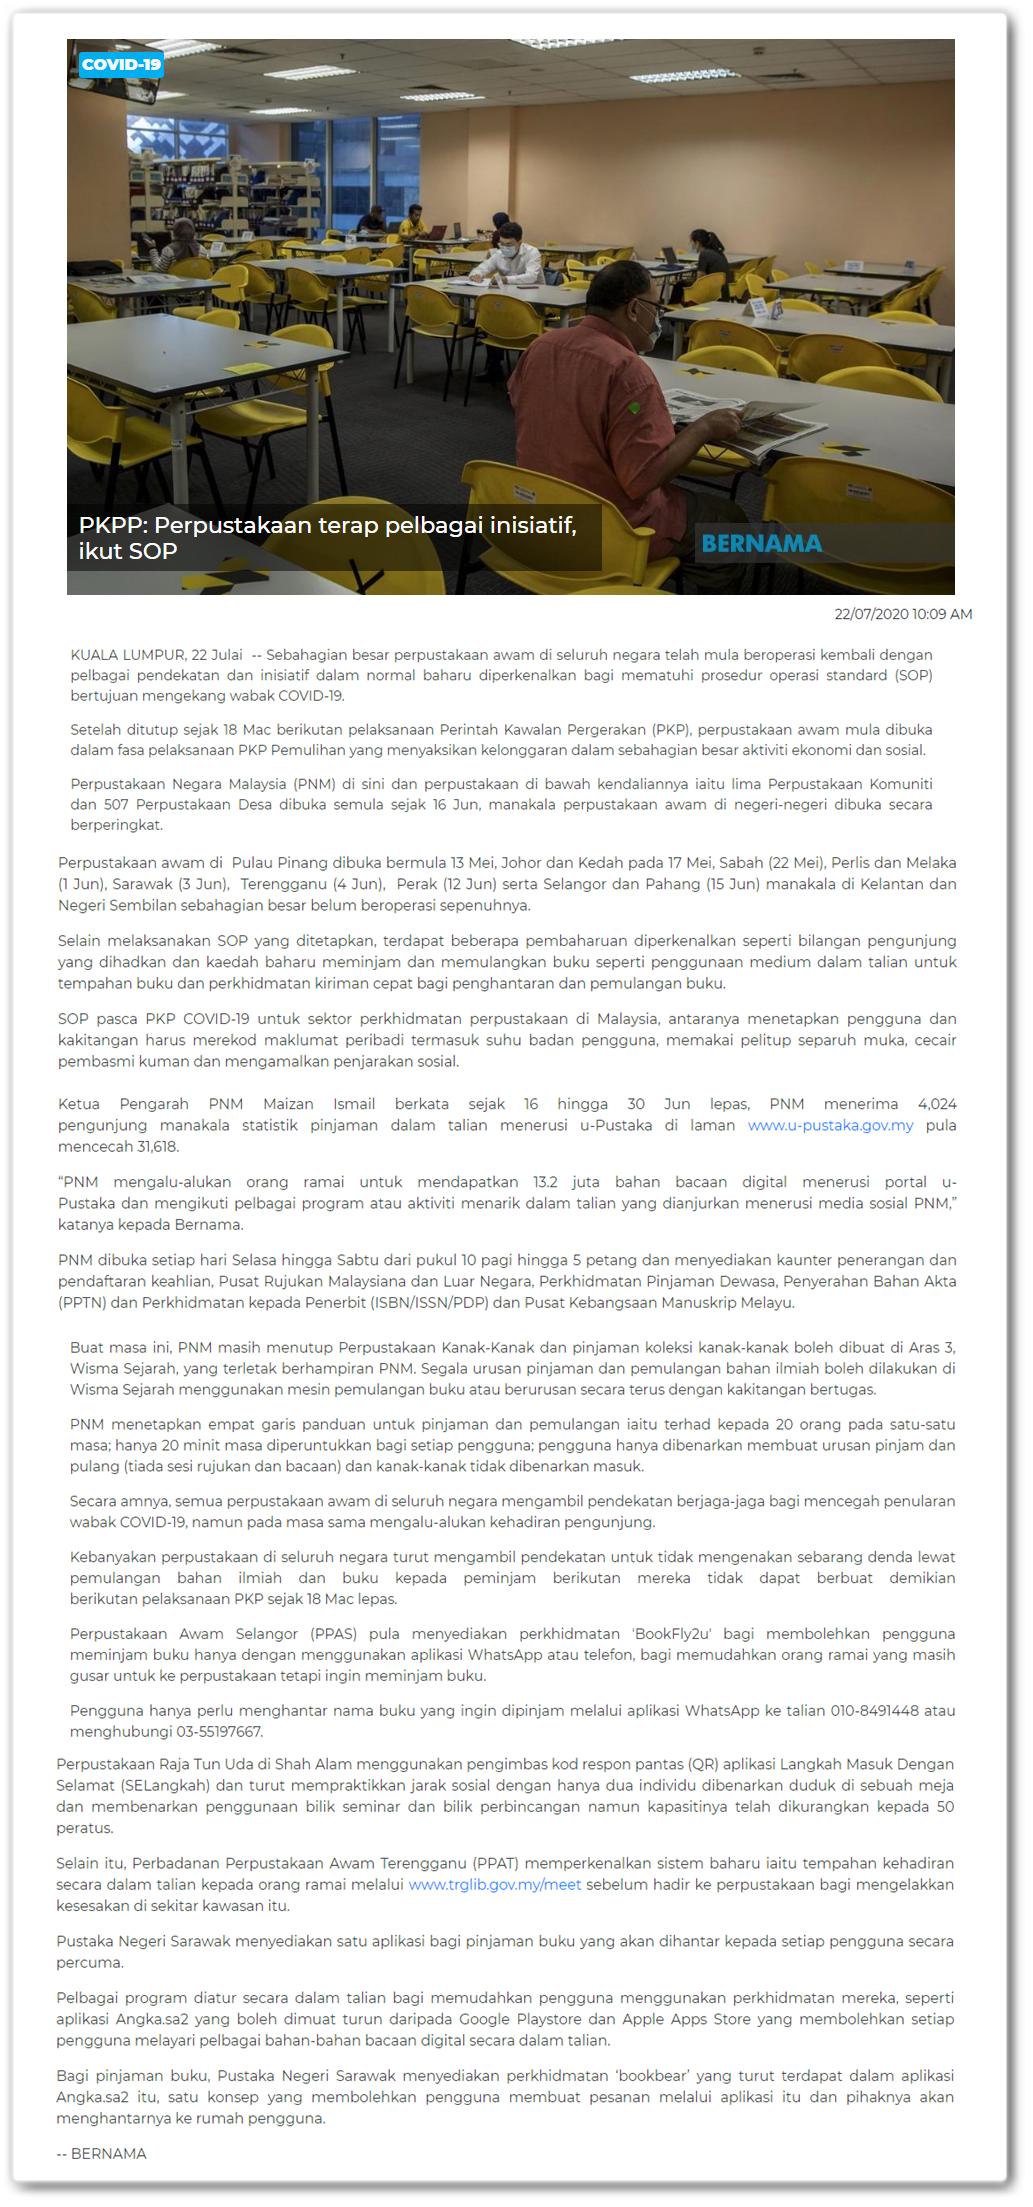 PKPP : Perpustakaan terap pelbagai inisiatif, ikut SOP - Keratan berita online Bernama 22 Julai 2020